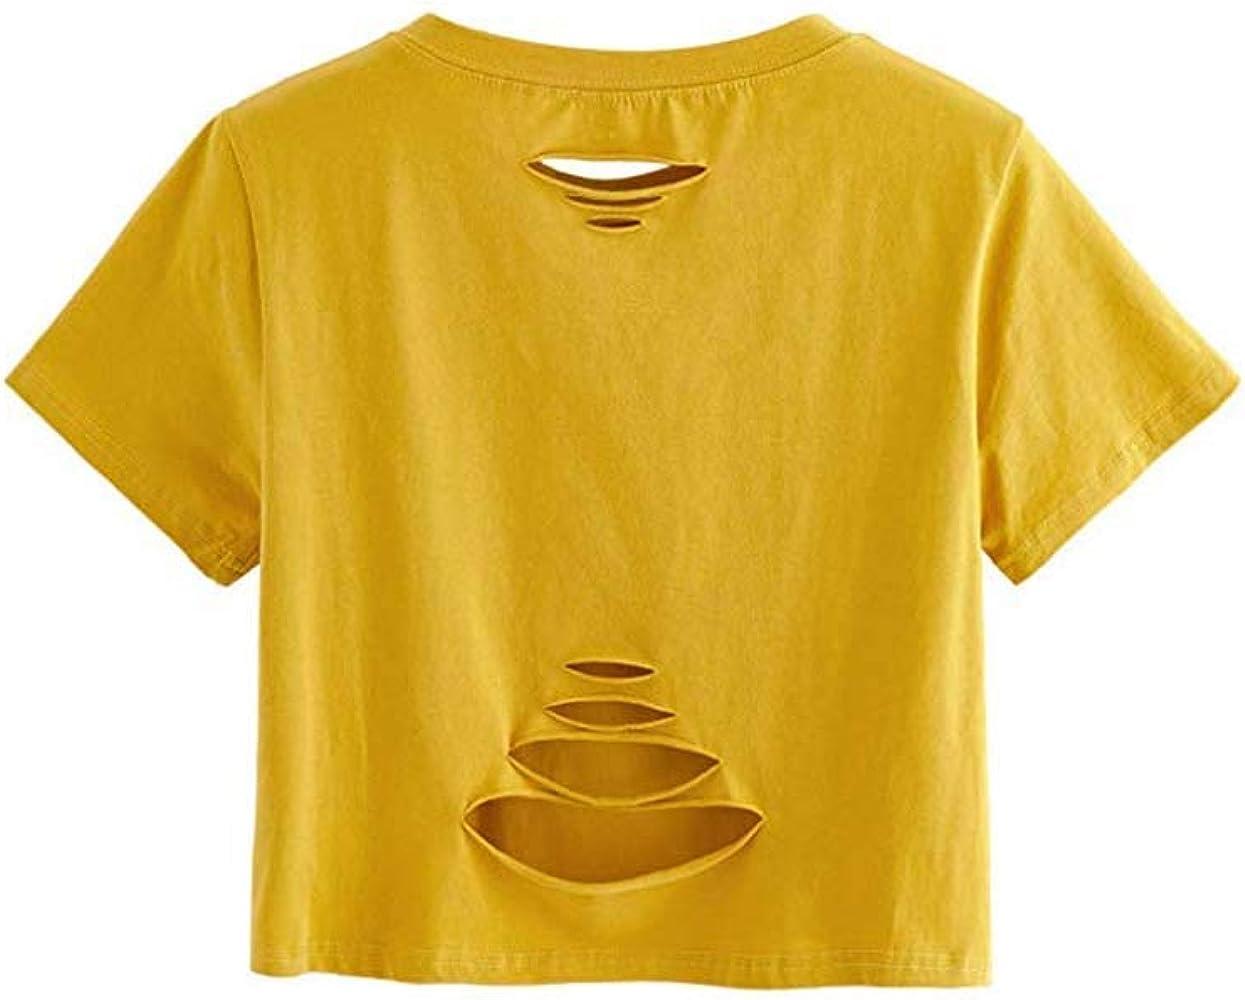 Qingsiy Mujer Verano Moda Camiseta Corto Suelta de Manga Corta para Mujer Camisas Color Sólido Cuello En O Blusa Hueca Mujeres Tallas Grandes/A( Amarillo,S): Amazon.es: Ropa y accesorios